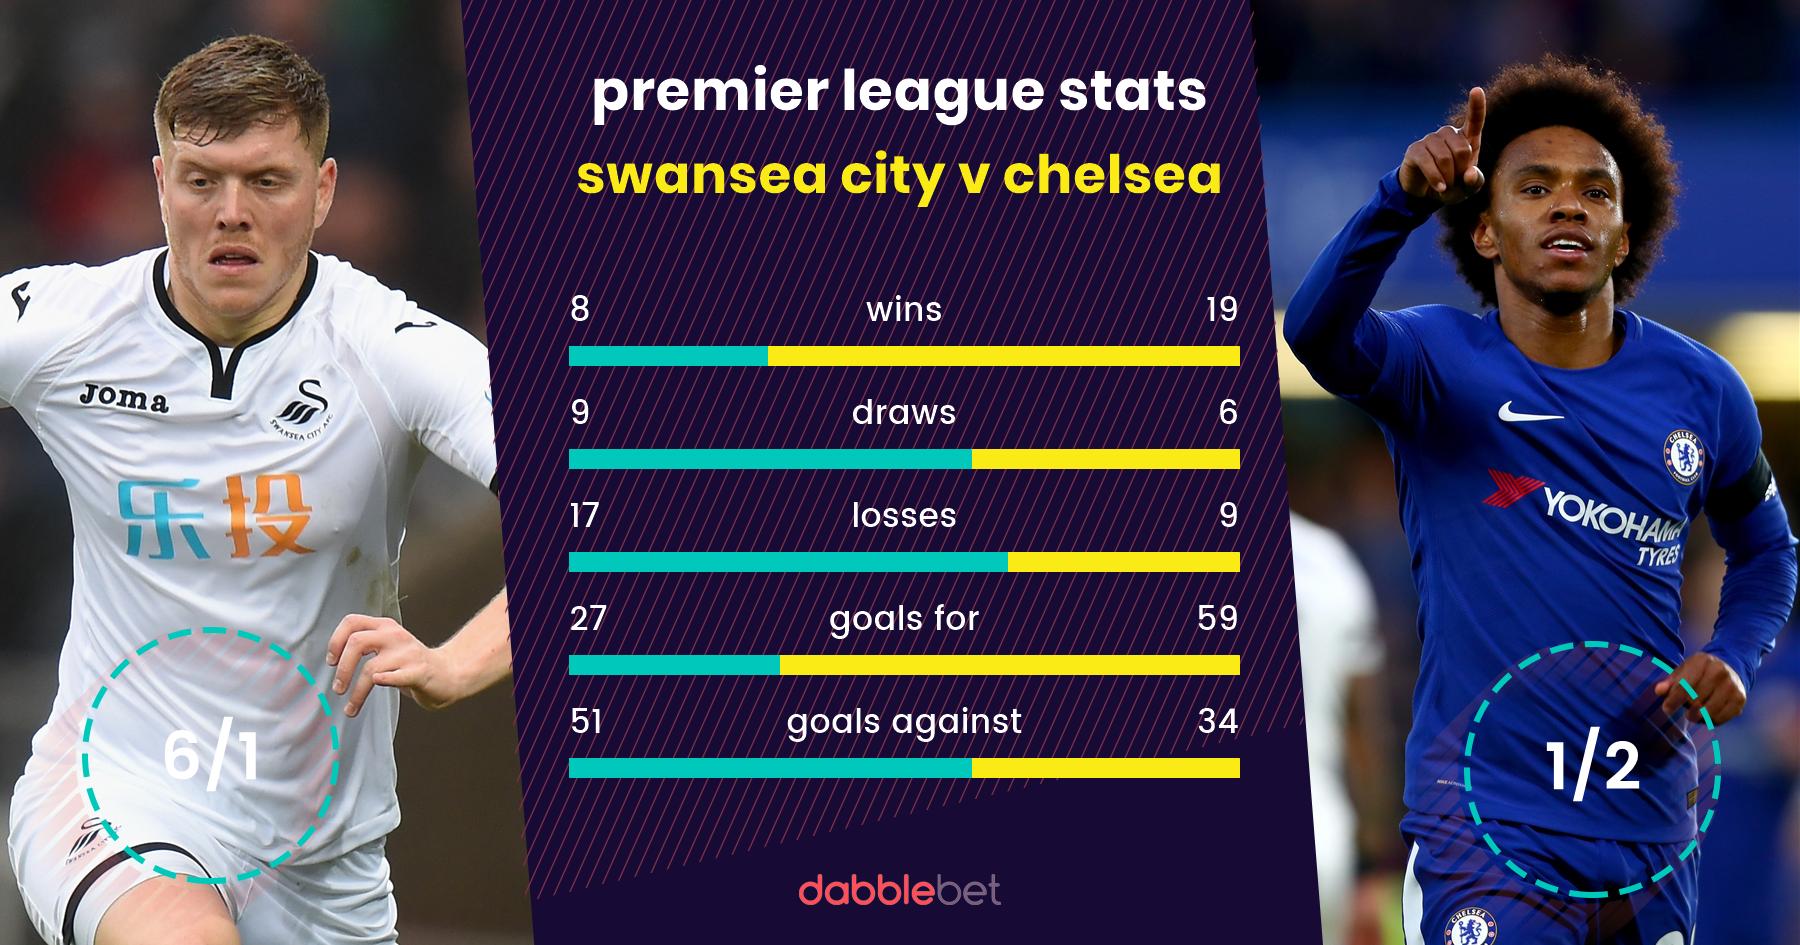 Swansea Chelsea graphic